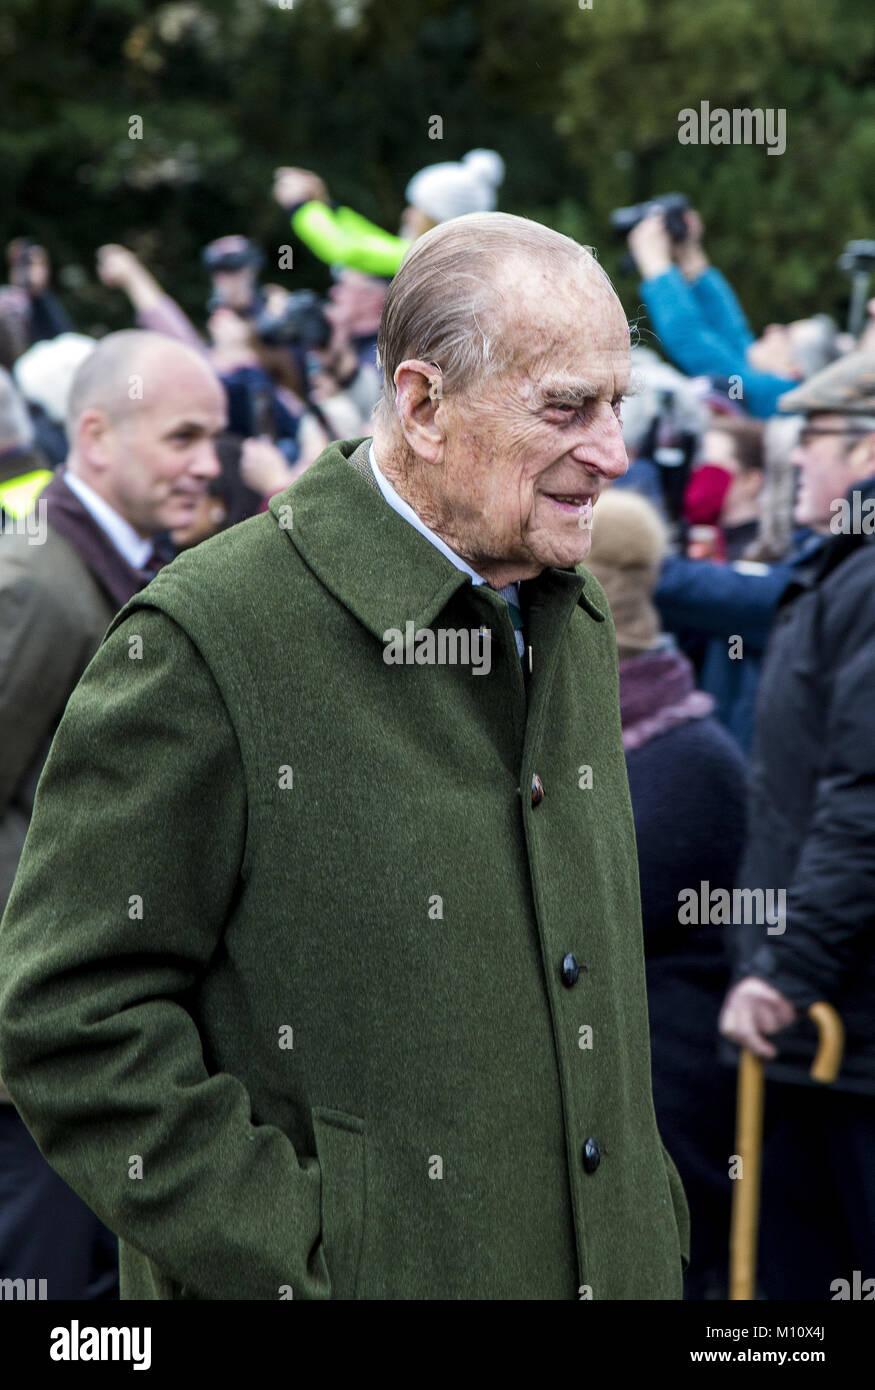 The British Royal family arrive at Sandringham to celebrate Christmas Day  Featuring: Duke of Edinburgh Where: Sandringham, - Stock Image